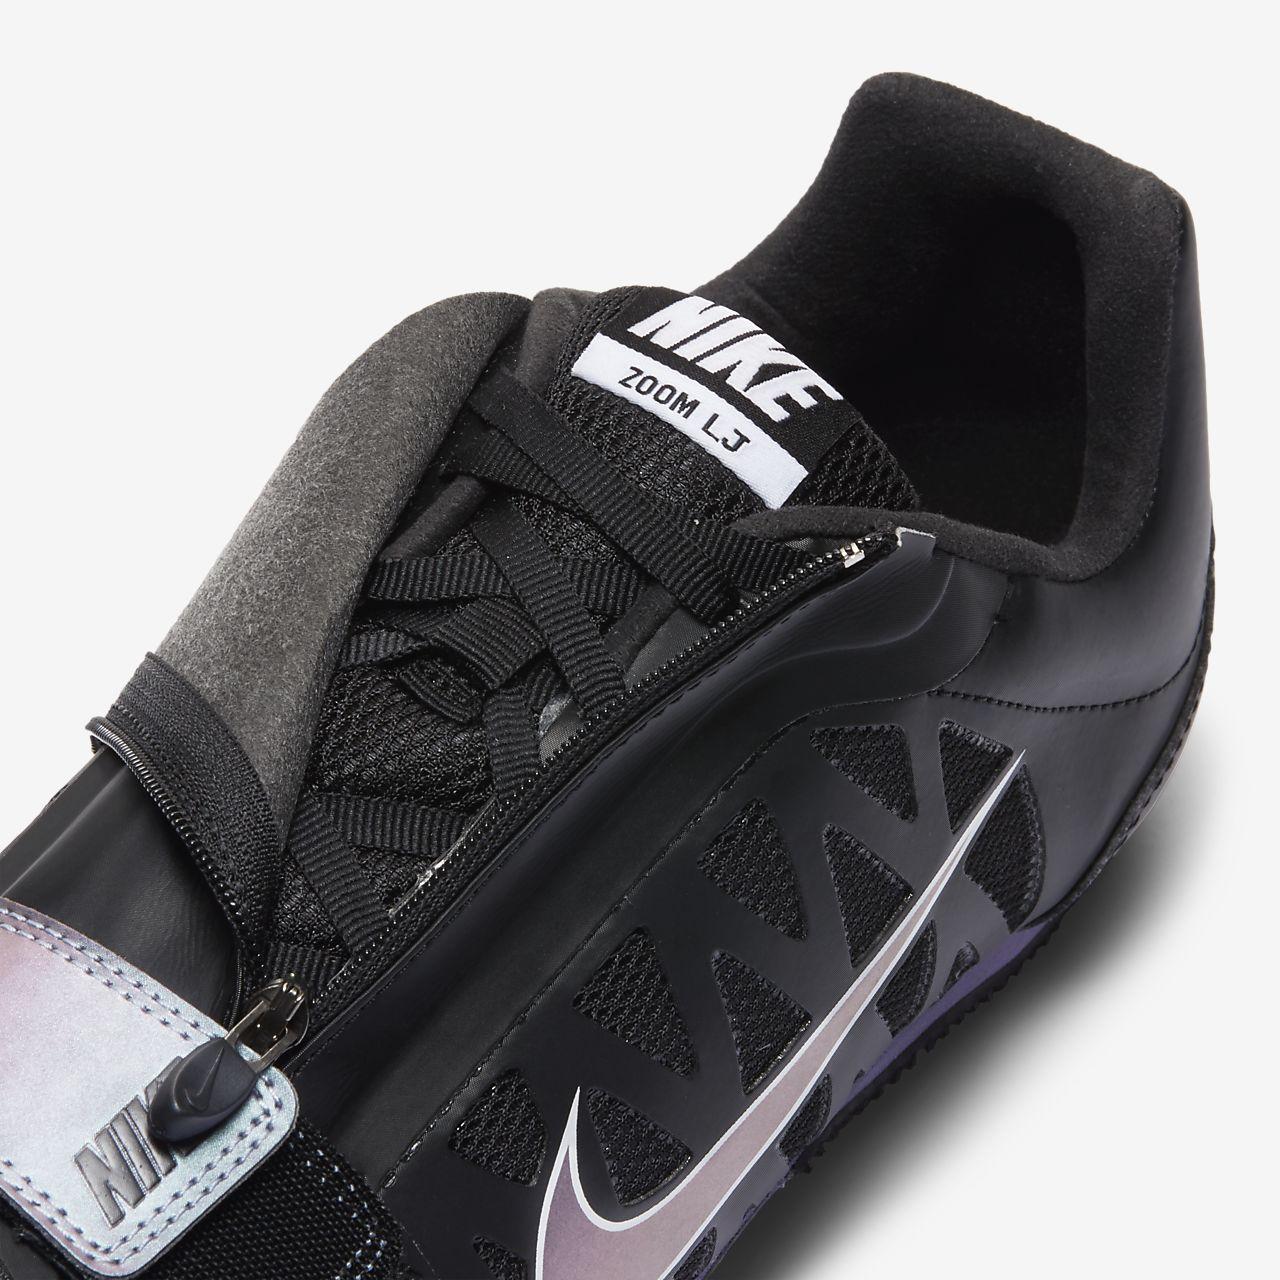 vendita più calda pacchetto elegante e robusto modellazione duratura Nike Zoom LJ 4 Unisex Sprung-Spike. Nike DE